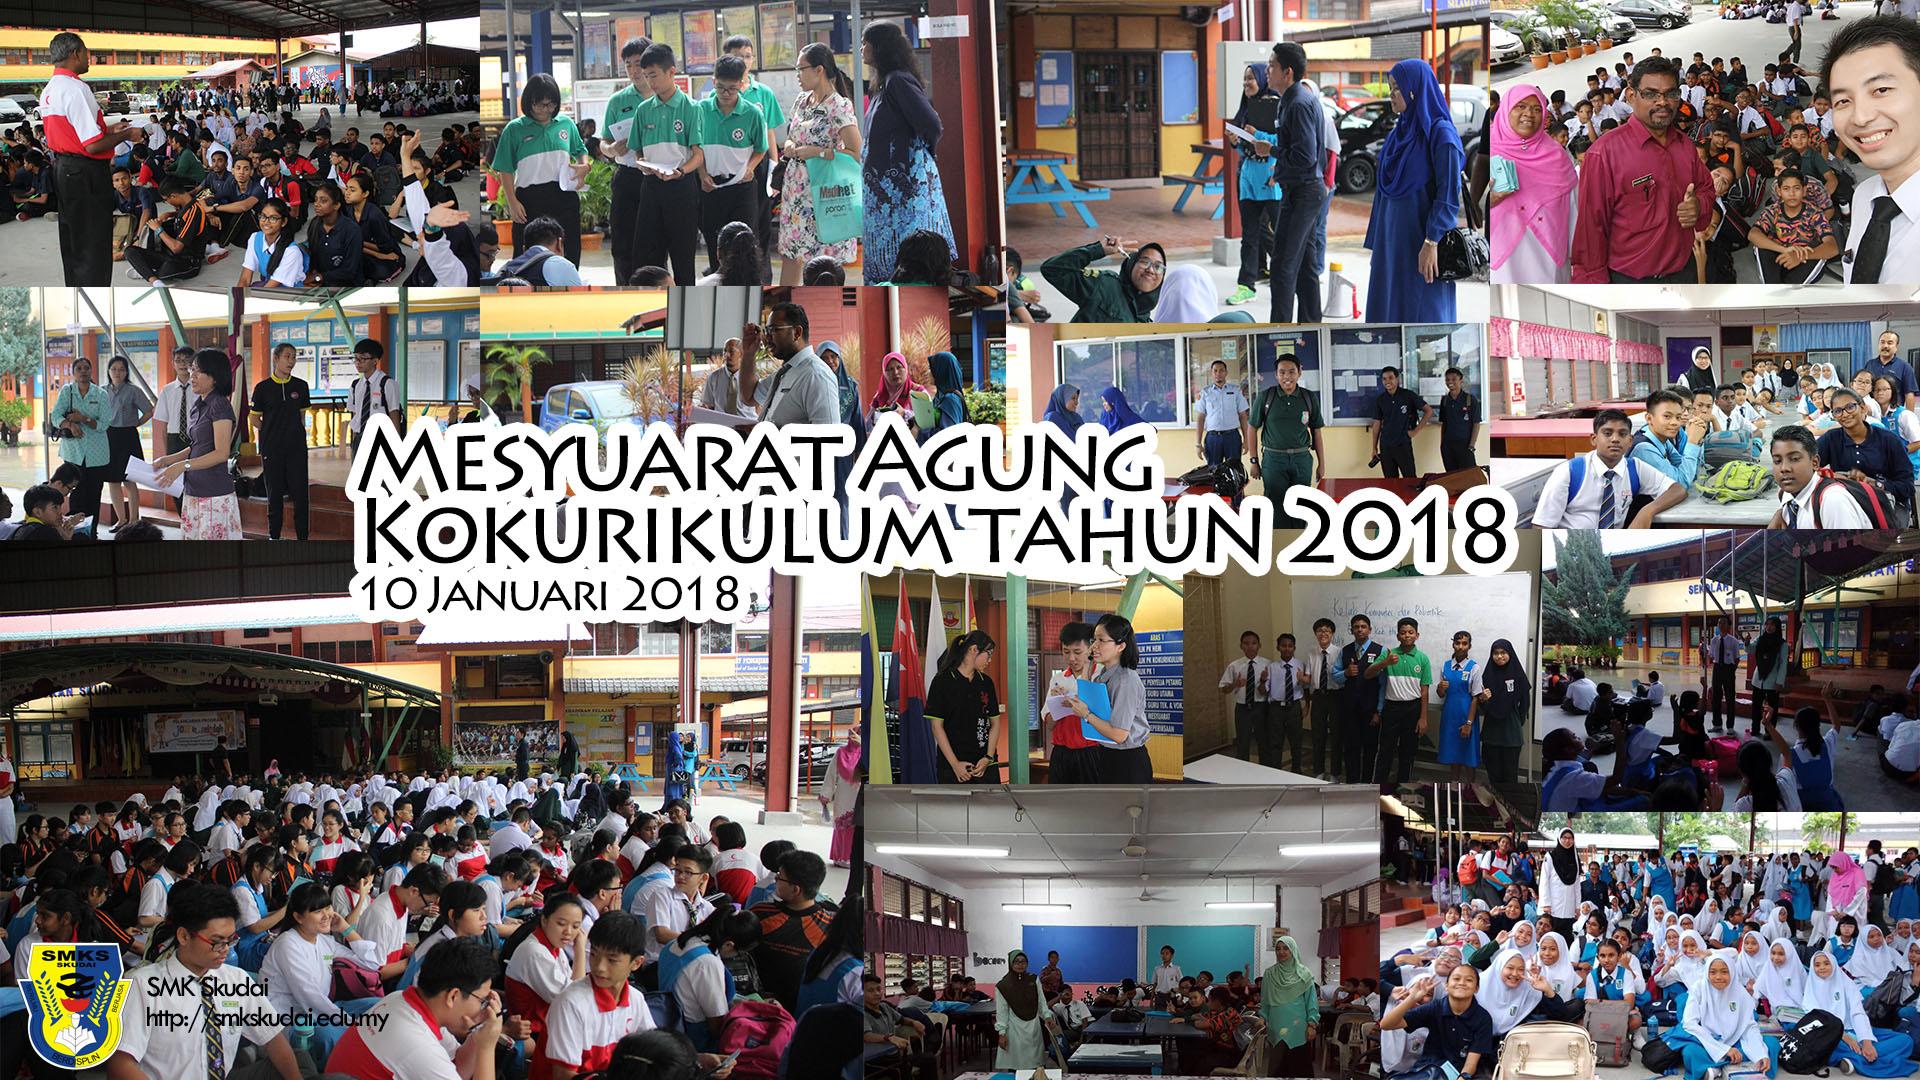 2018-01-10 Mesyuarat Agung Kokurikulum 2018